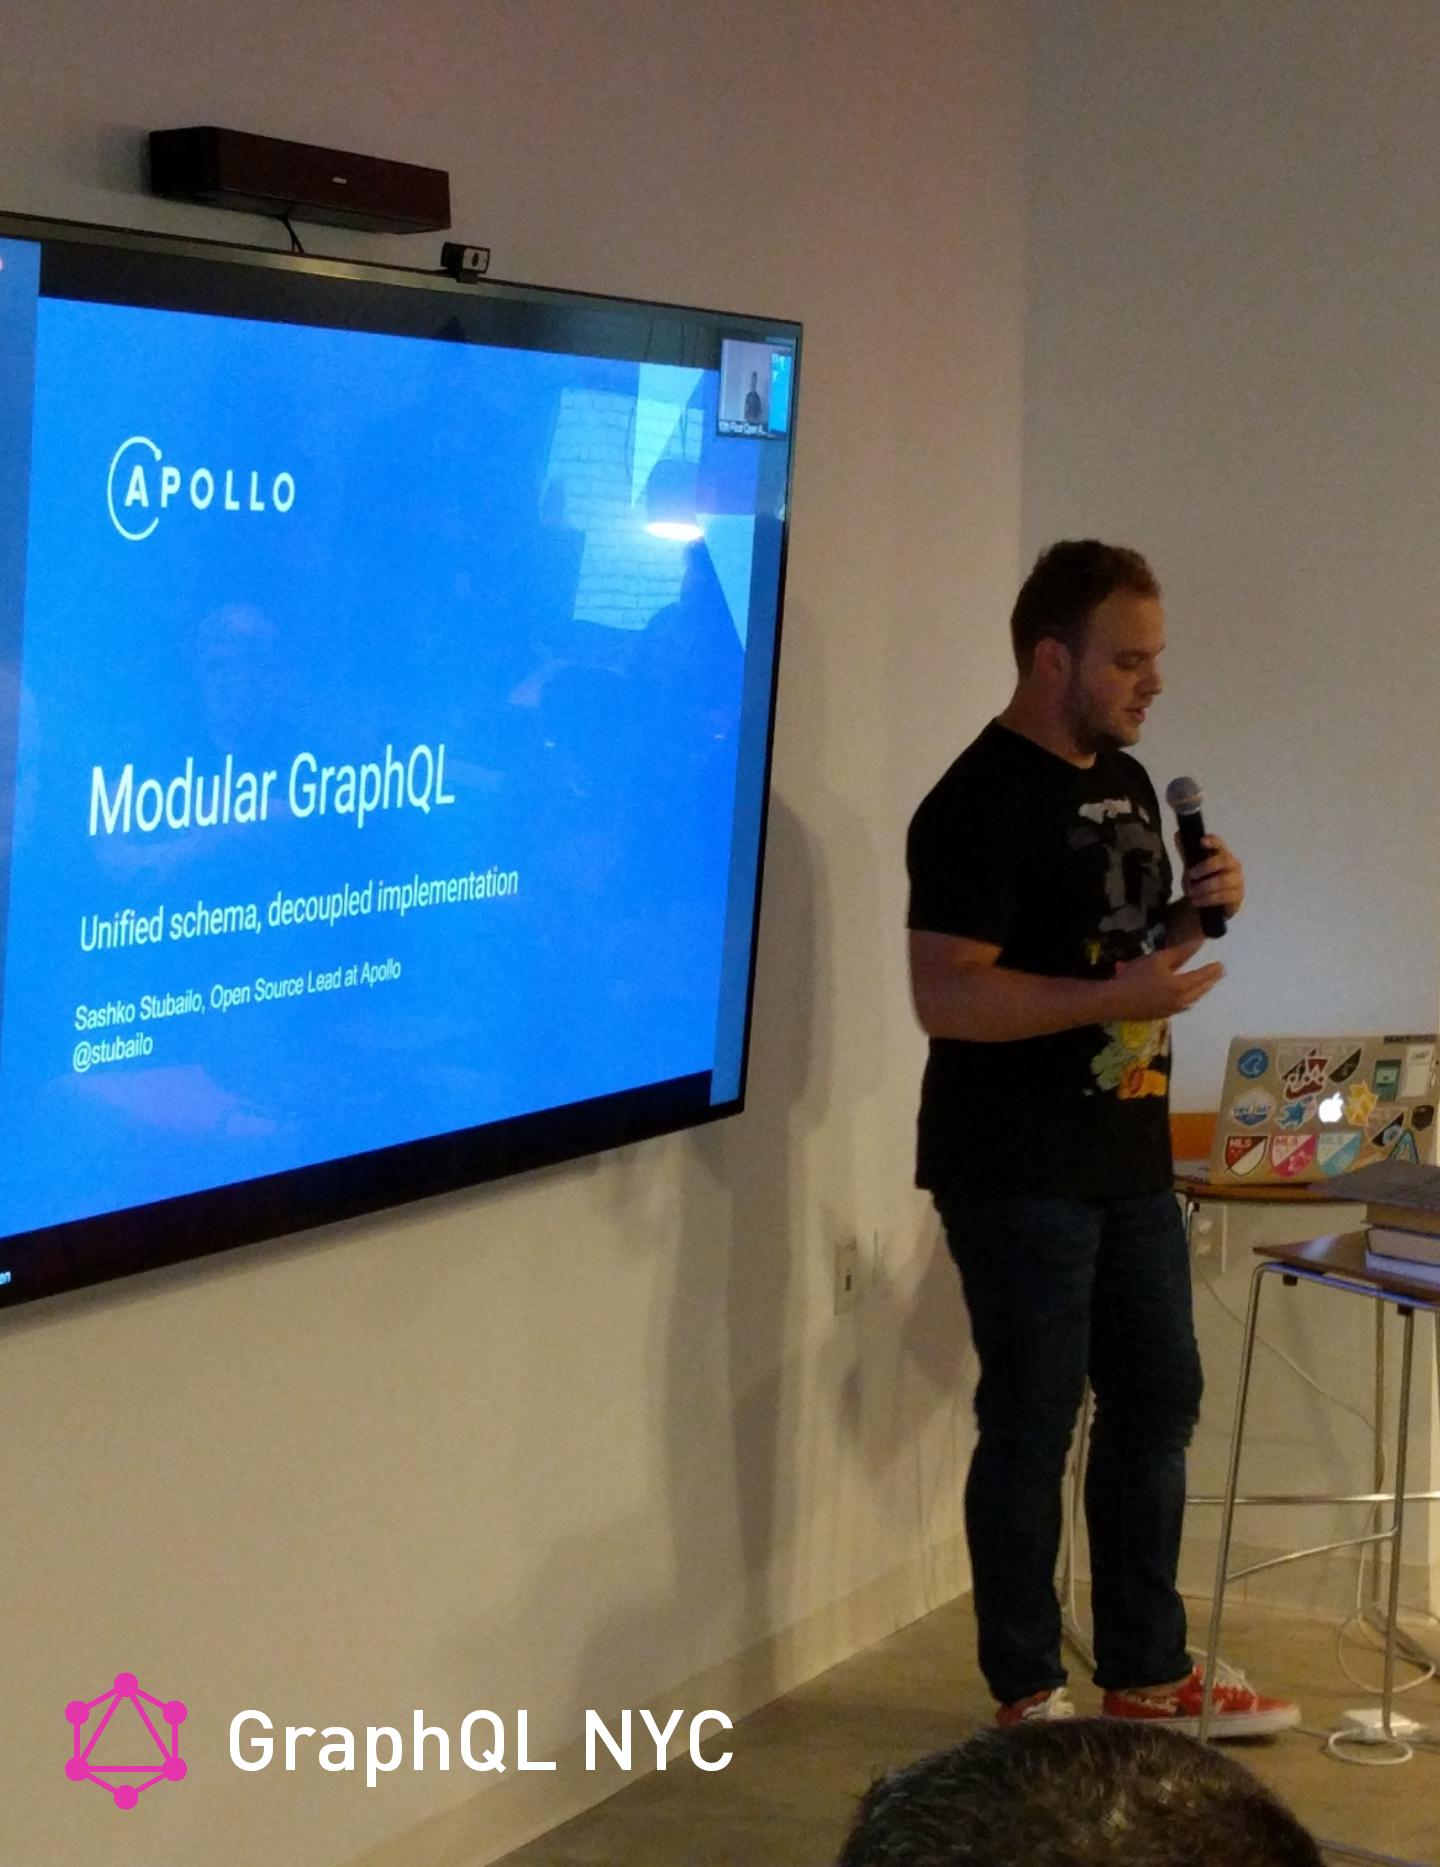 GraphQL NYC